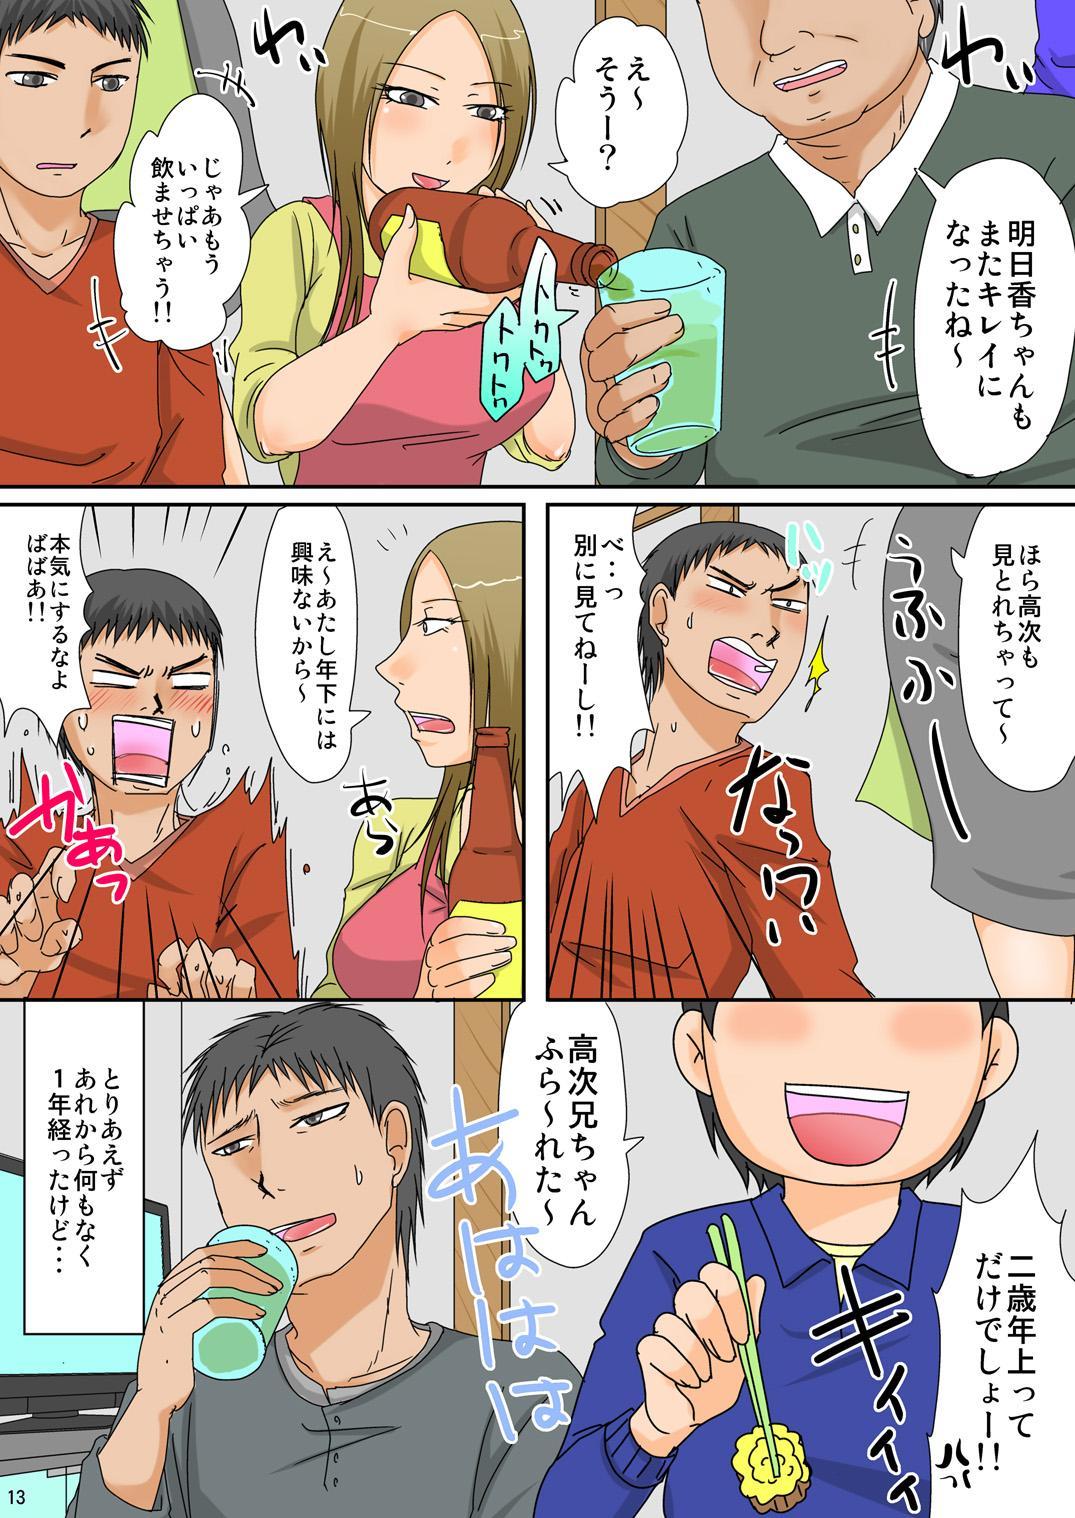 Shougatsu Gyouji Naisho no Oshiire Sex 13